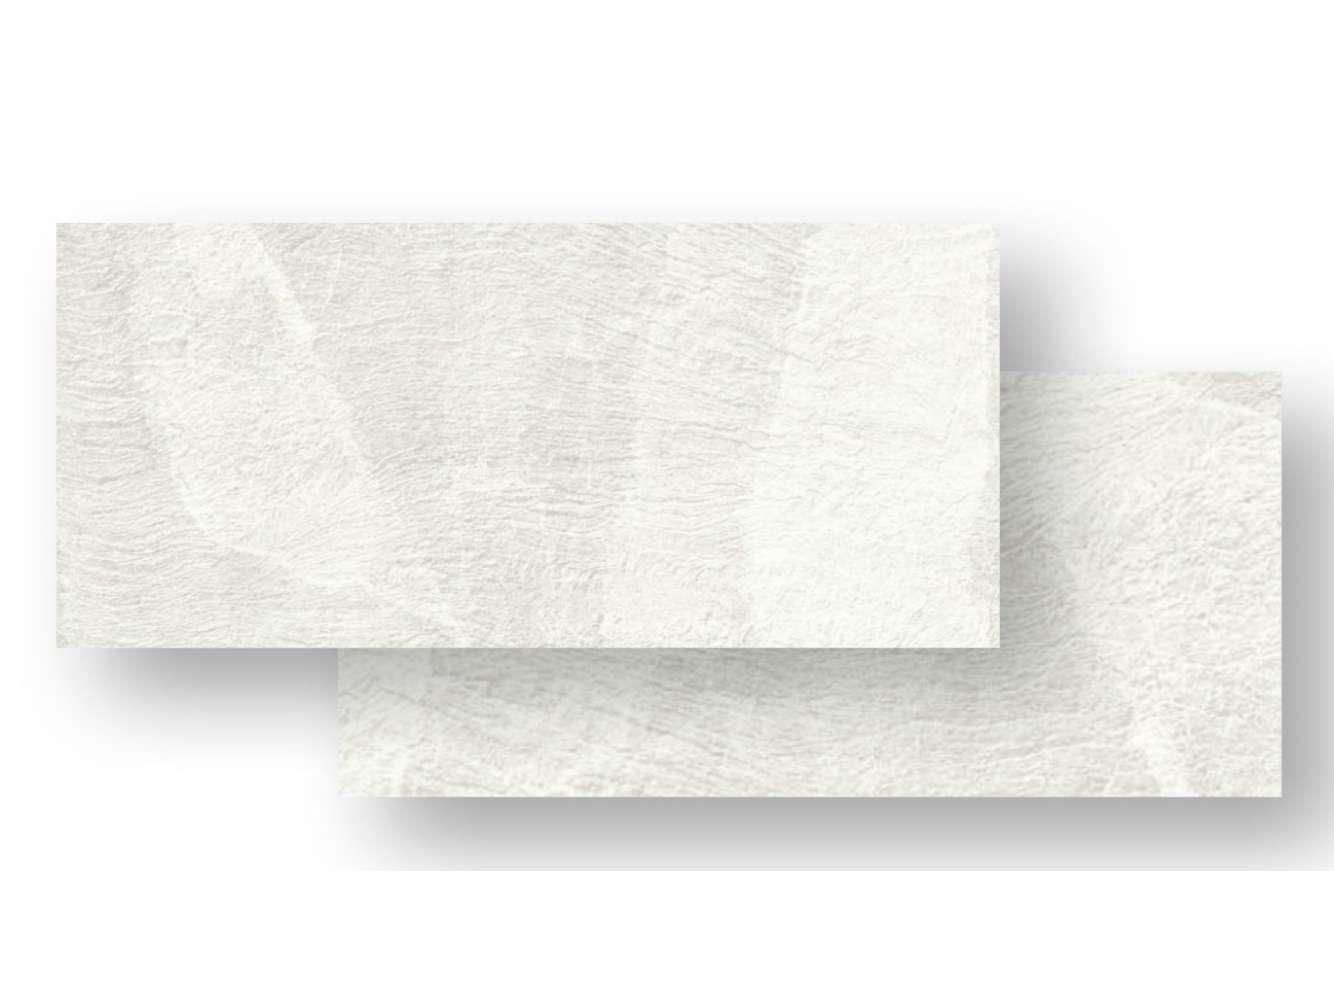 Bodenfliese SLIDE White Feinsteinzeug rektifiziert, 80x40x1 cm